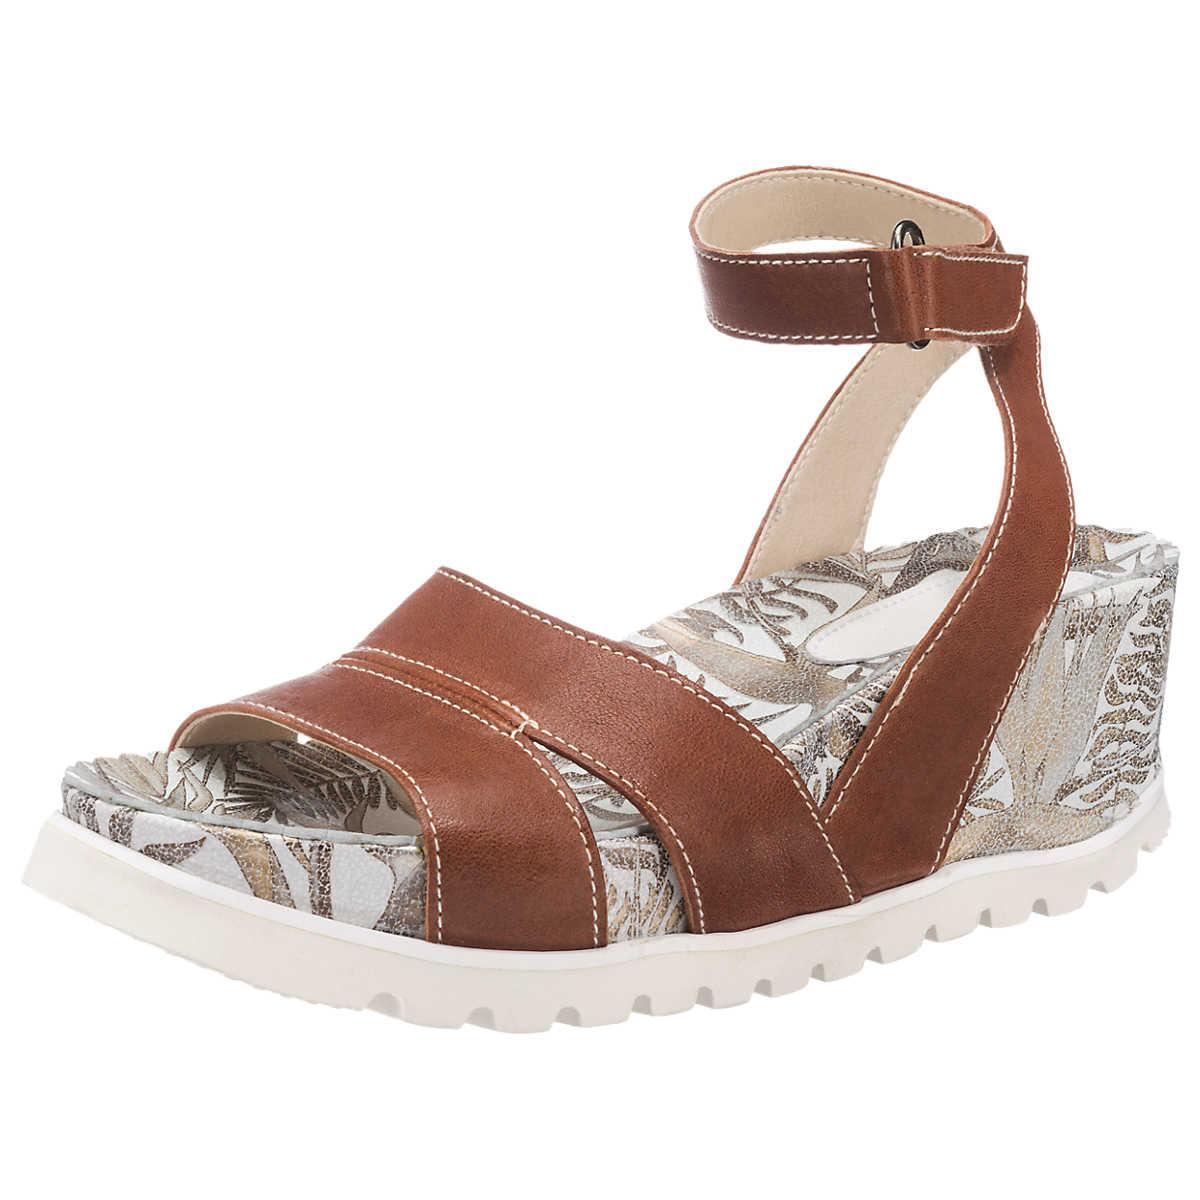 Brako Tokio Sandalen braun - Brako - Sandalen - Schuhe - mirapodo.de